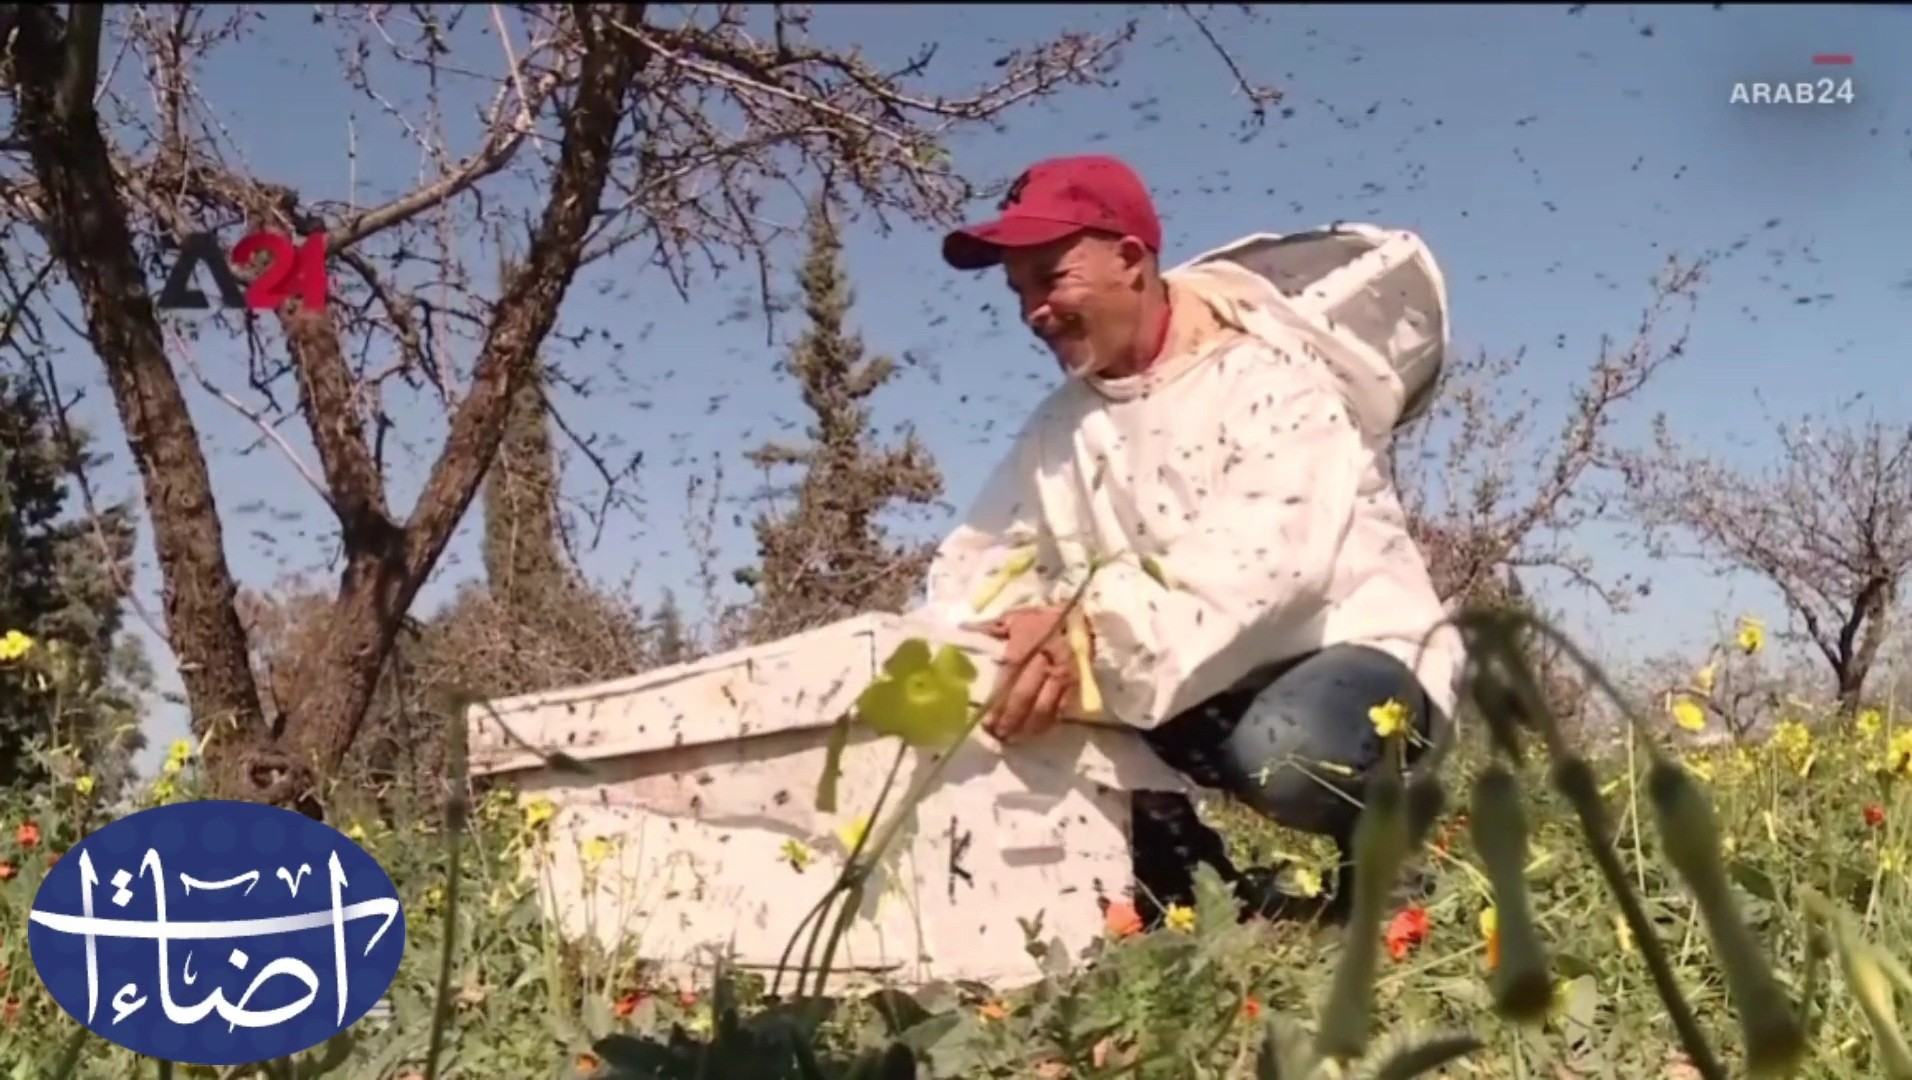 غرائب وطرائف لحية من النحل على وجه شاب تونسي